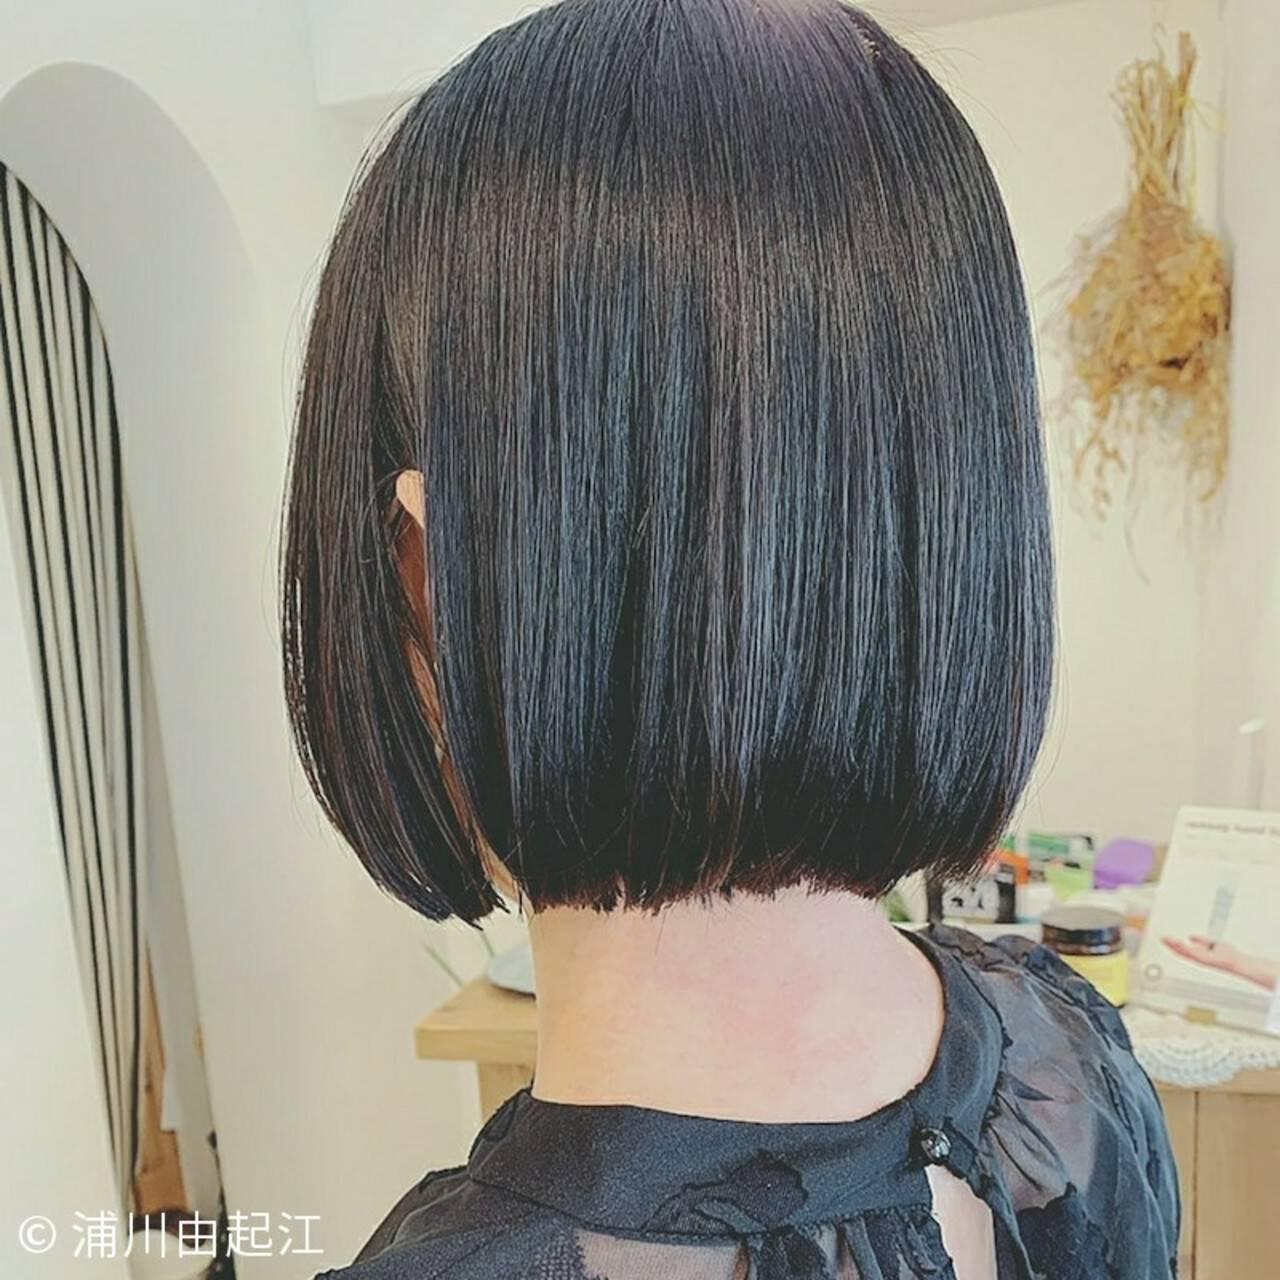 グラデーションカラー 縮毛矯正 秋 ストレートヘアスタイルや髪型の写真・画像